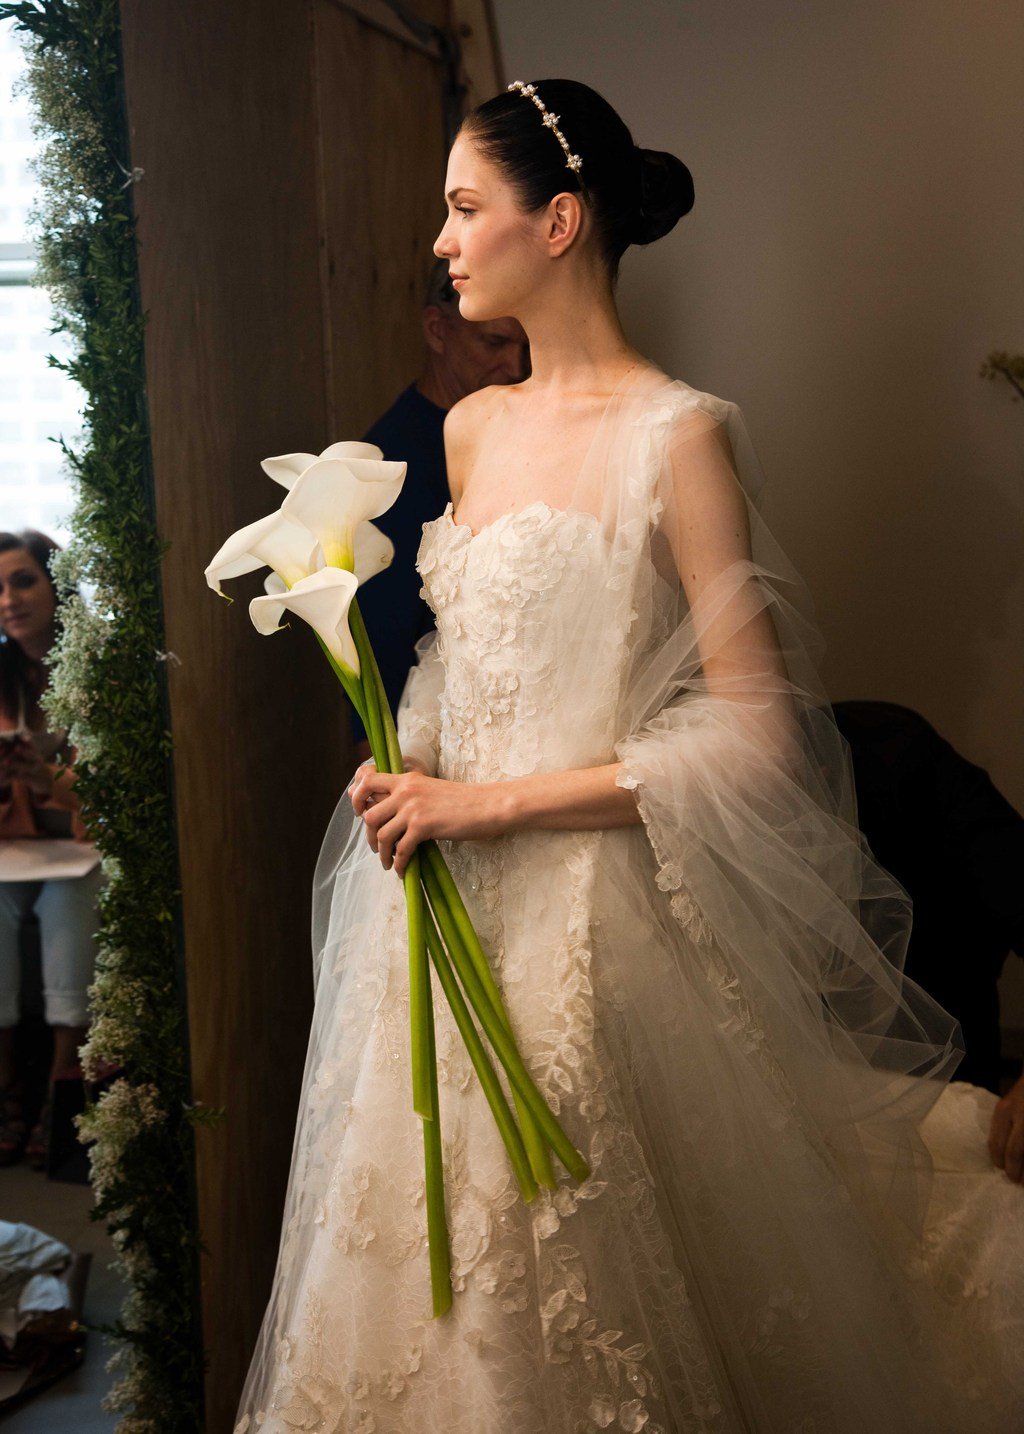 Elegant-wedding-colors-ivory-cream-green-oscar-de-la-renta-1.full